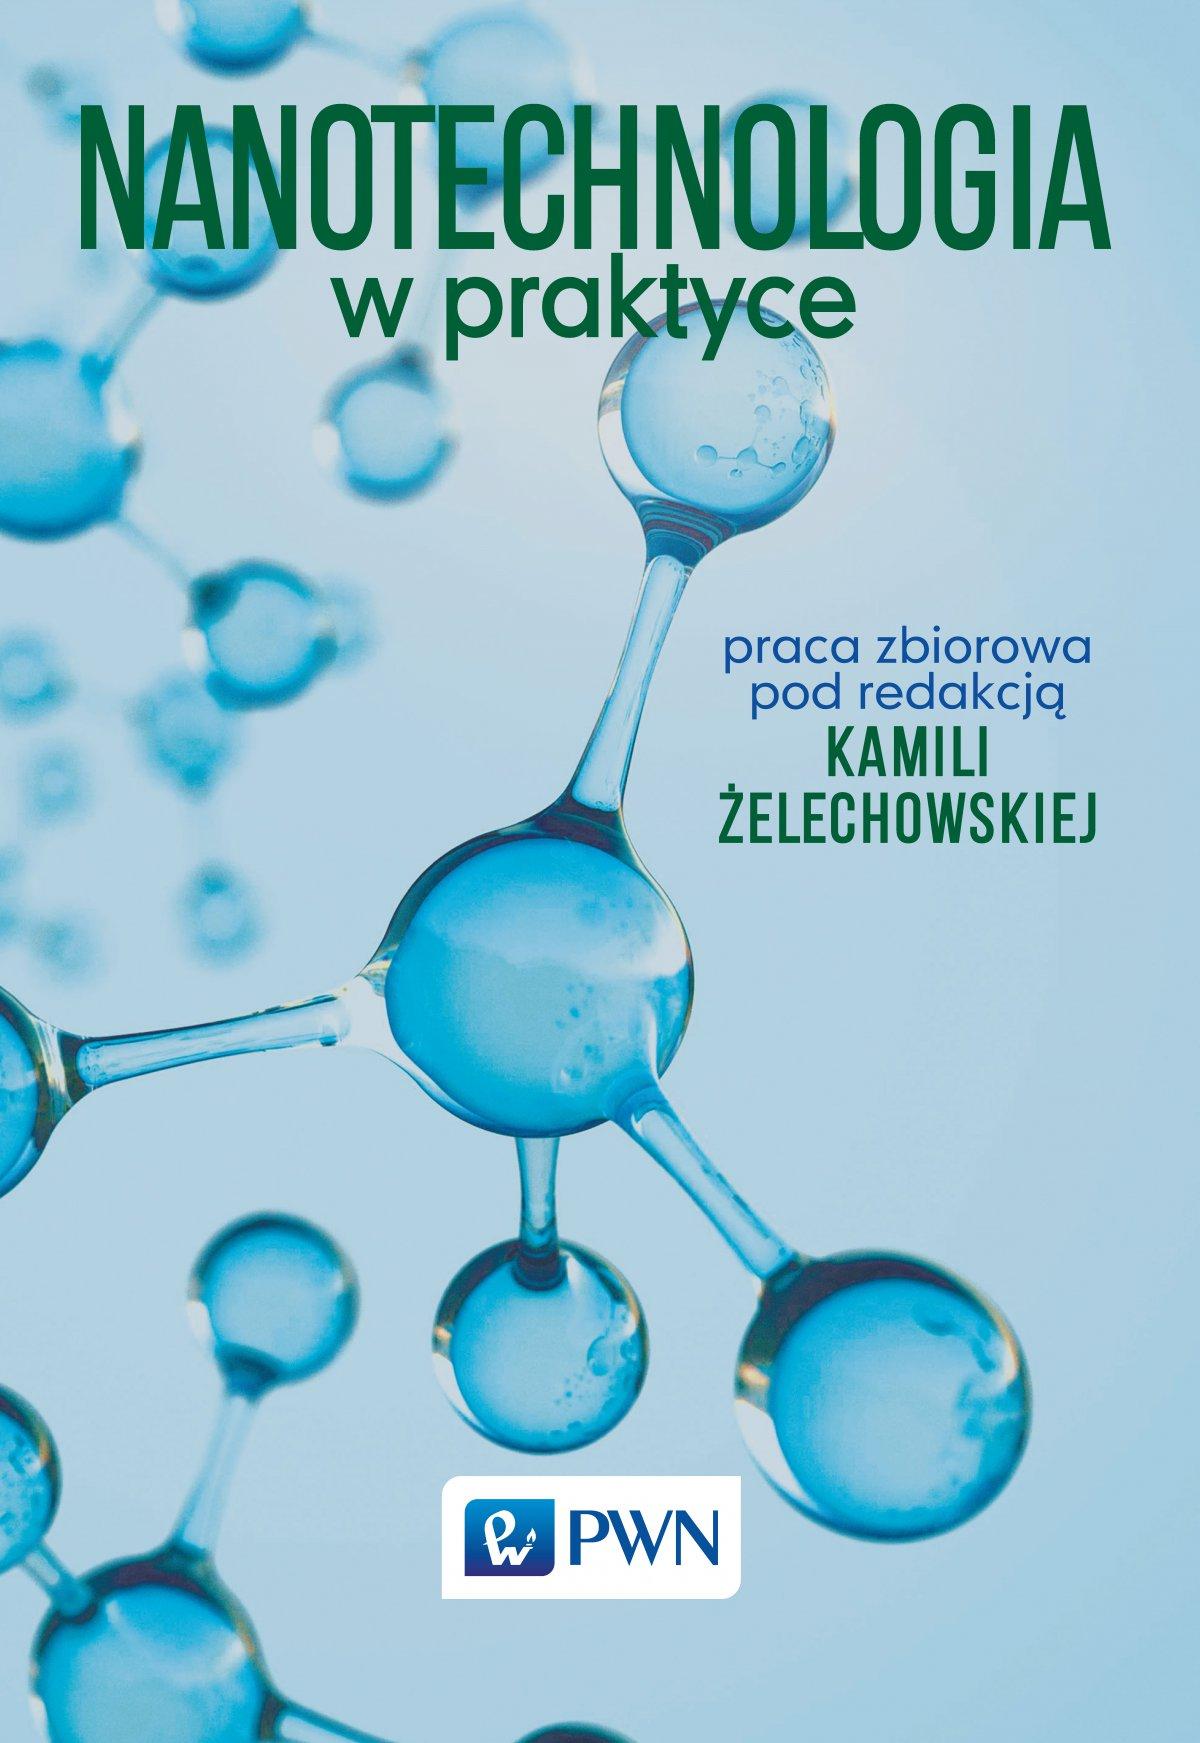 Nanotechnologia w praktyce - Ebook (Książka na Kindle) do pobrania w formacie MOBI